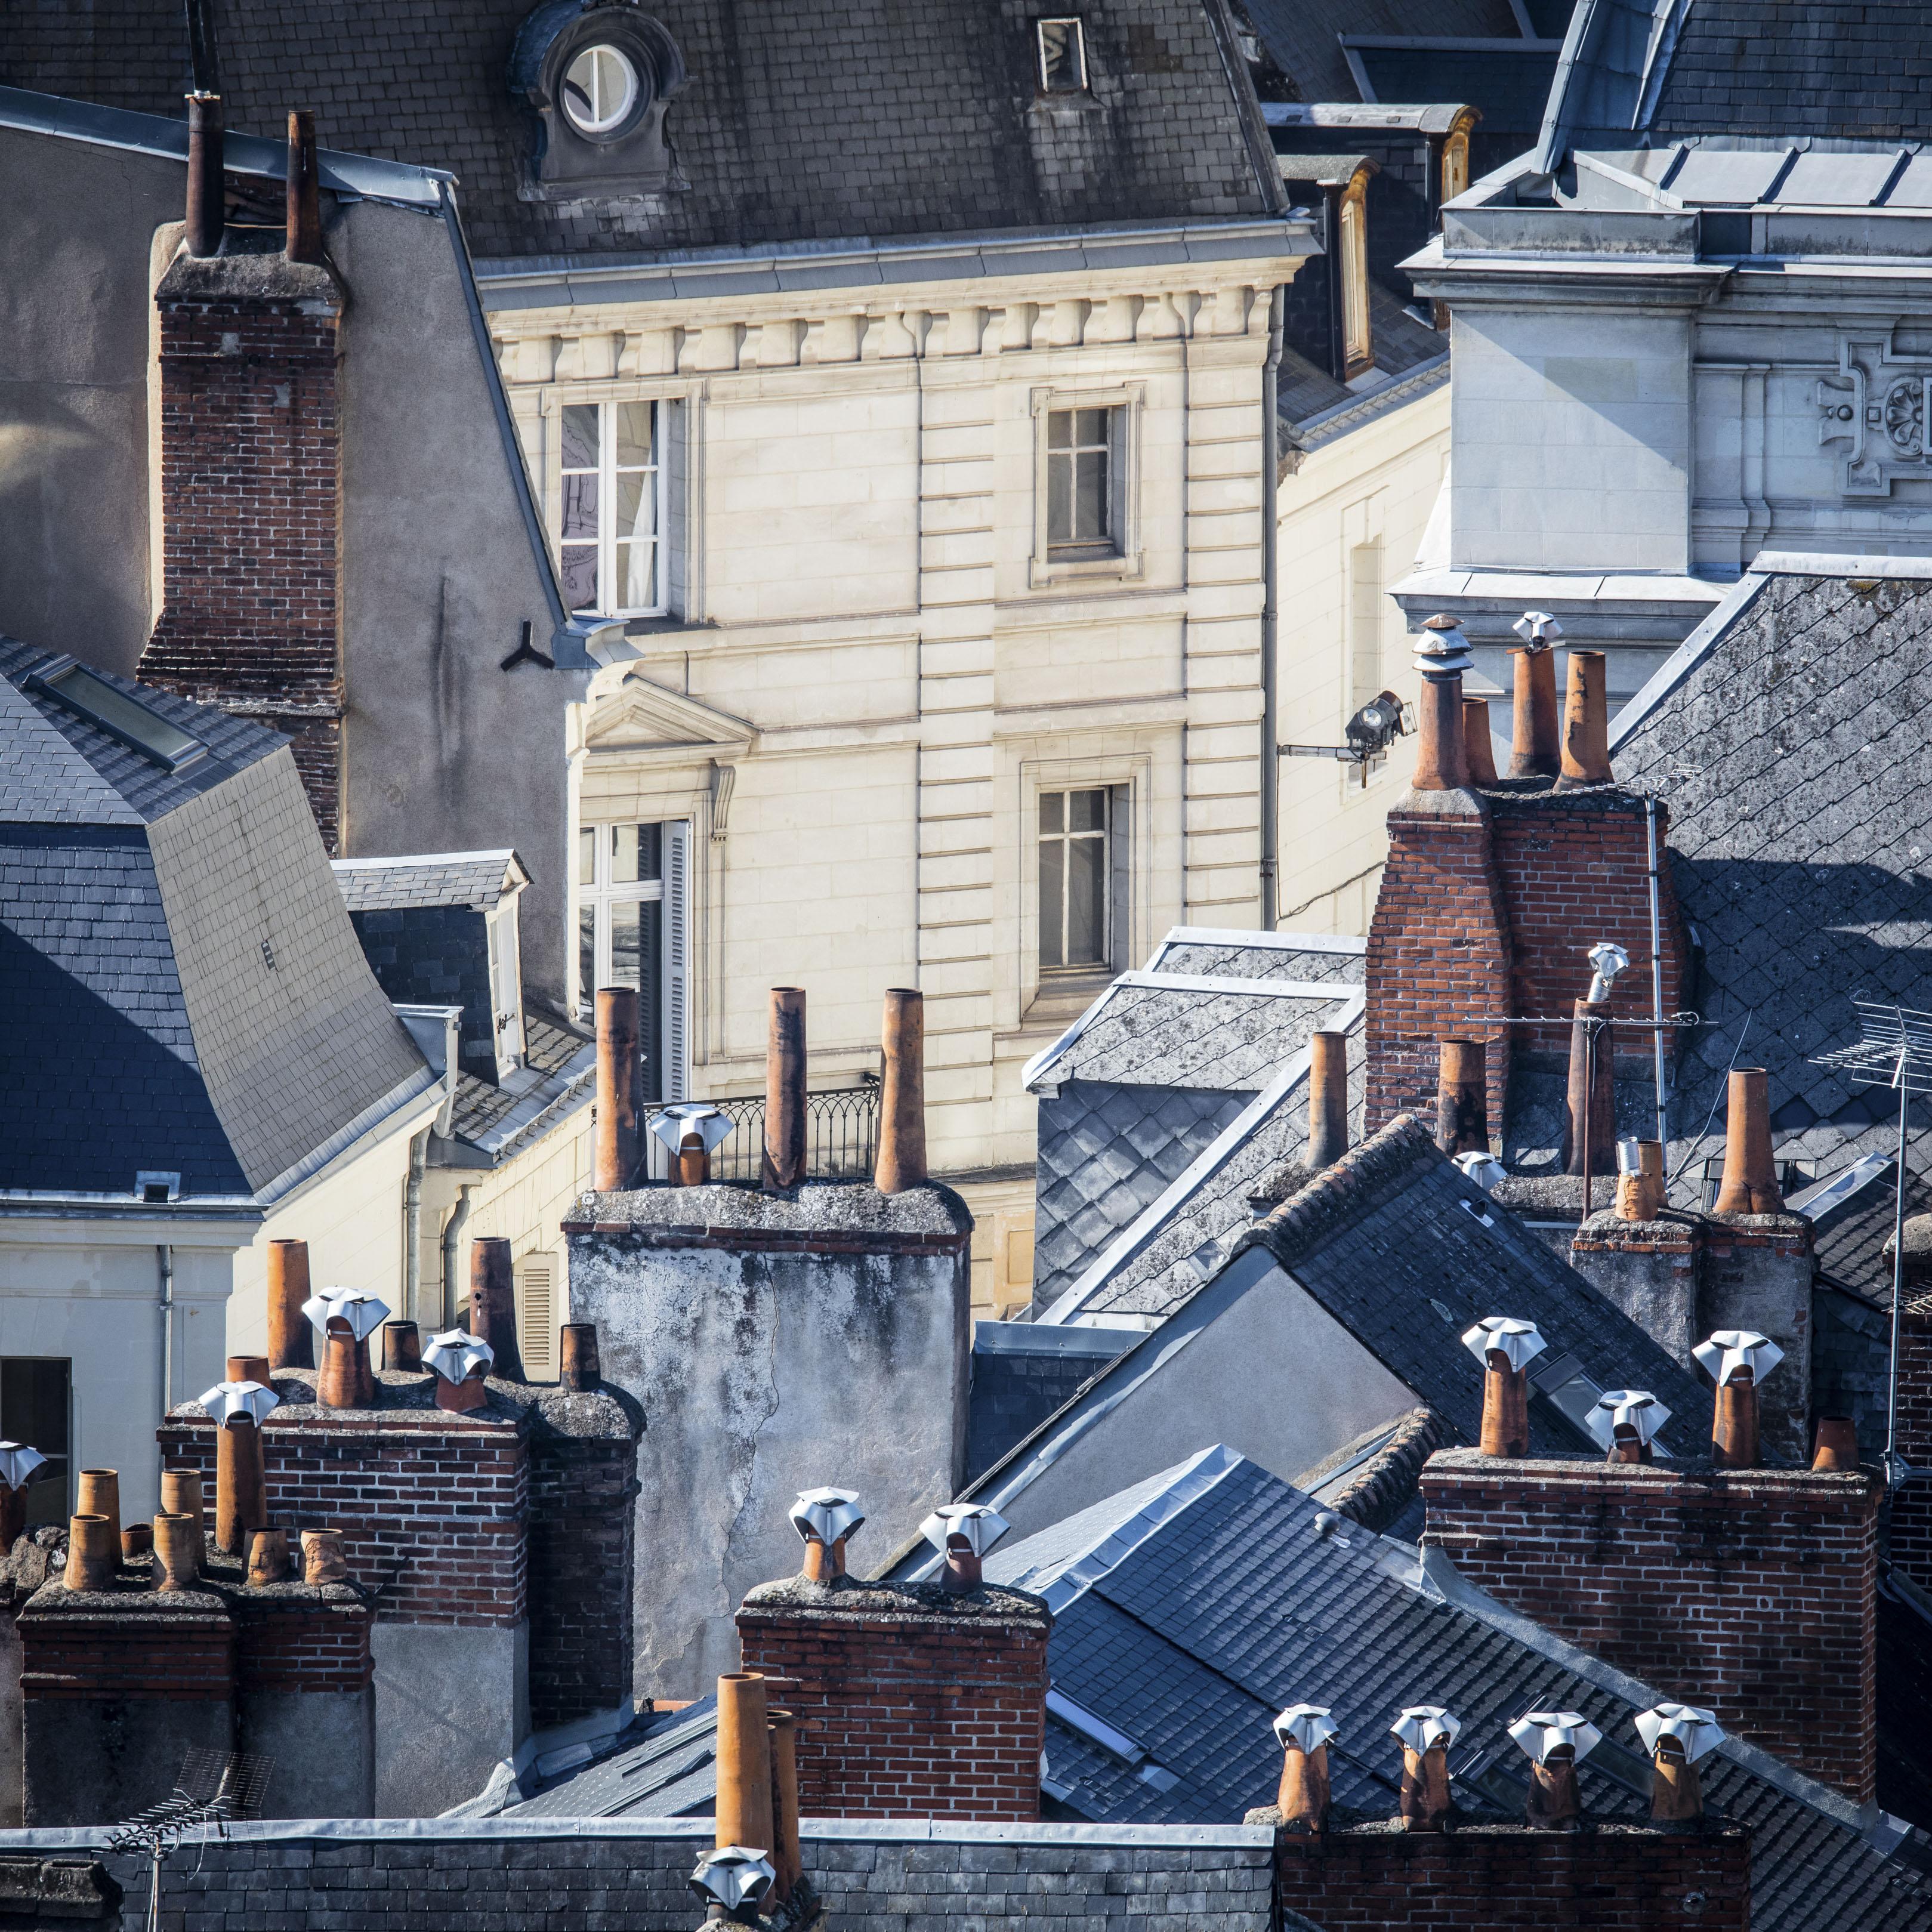 Tours, toits à l'angle de la rue Corneille - Octobre 2016